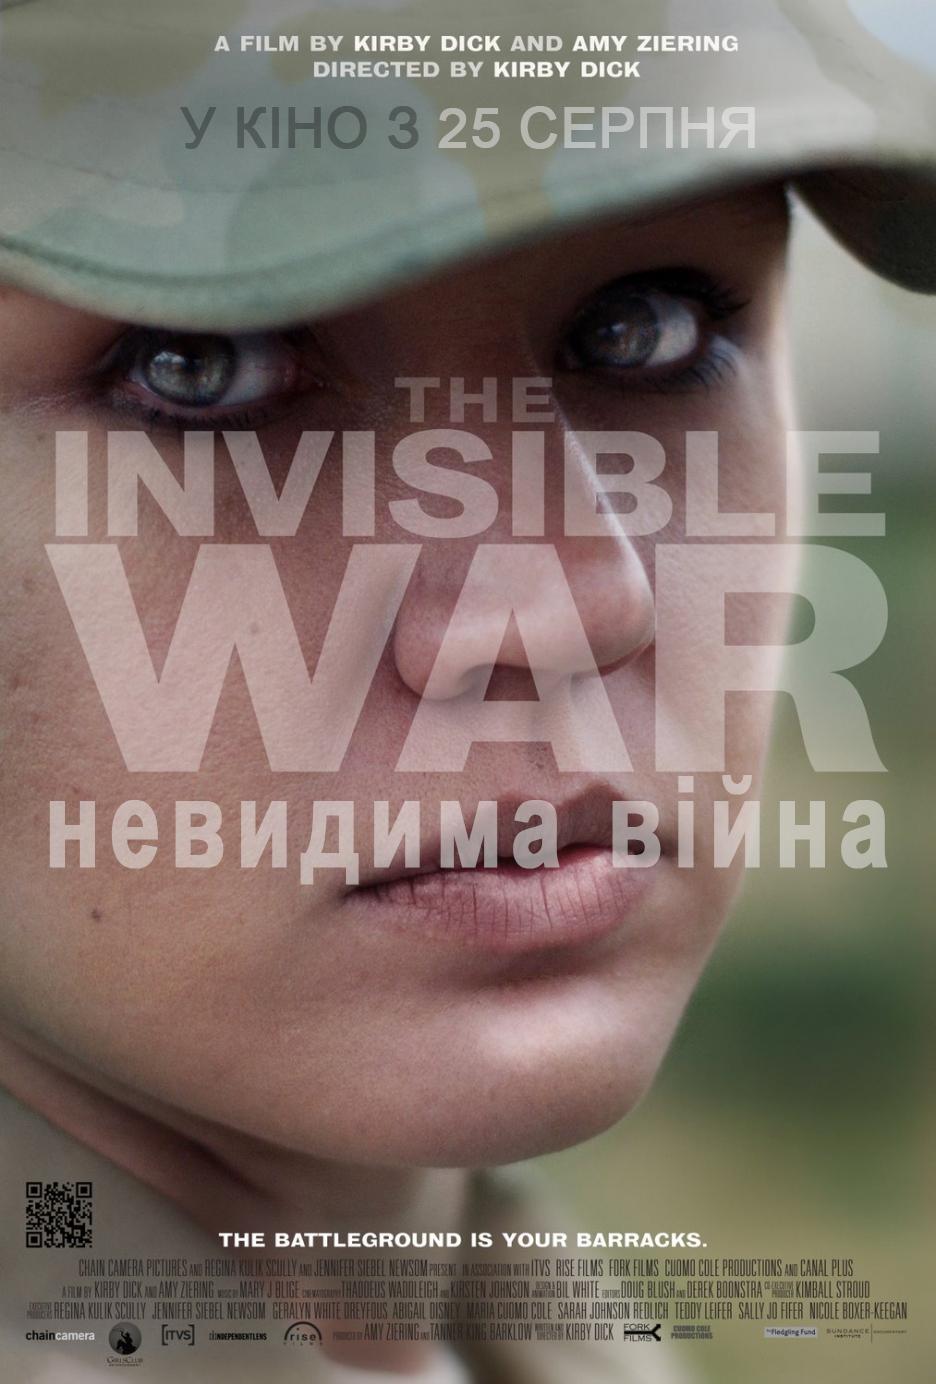 Активісти покажуть відому «Невидиму війну» в Україні